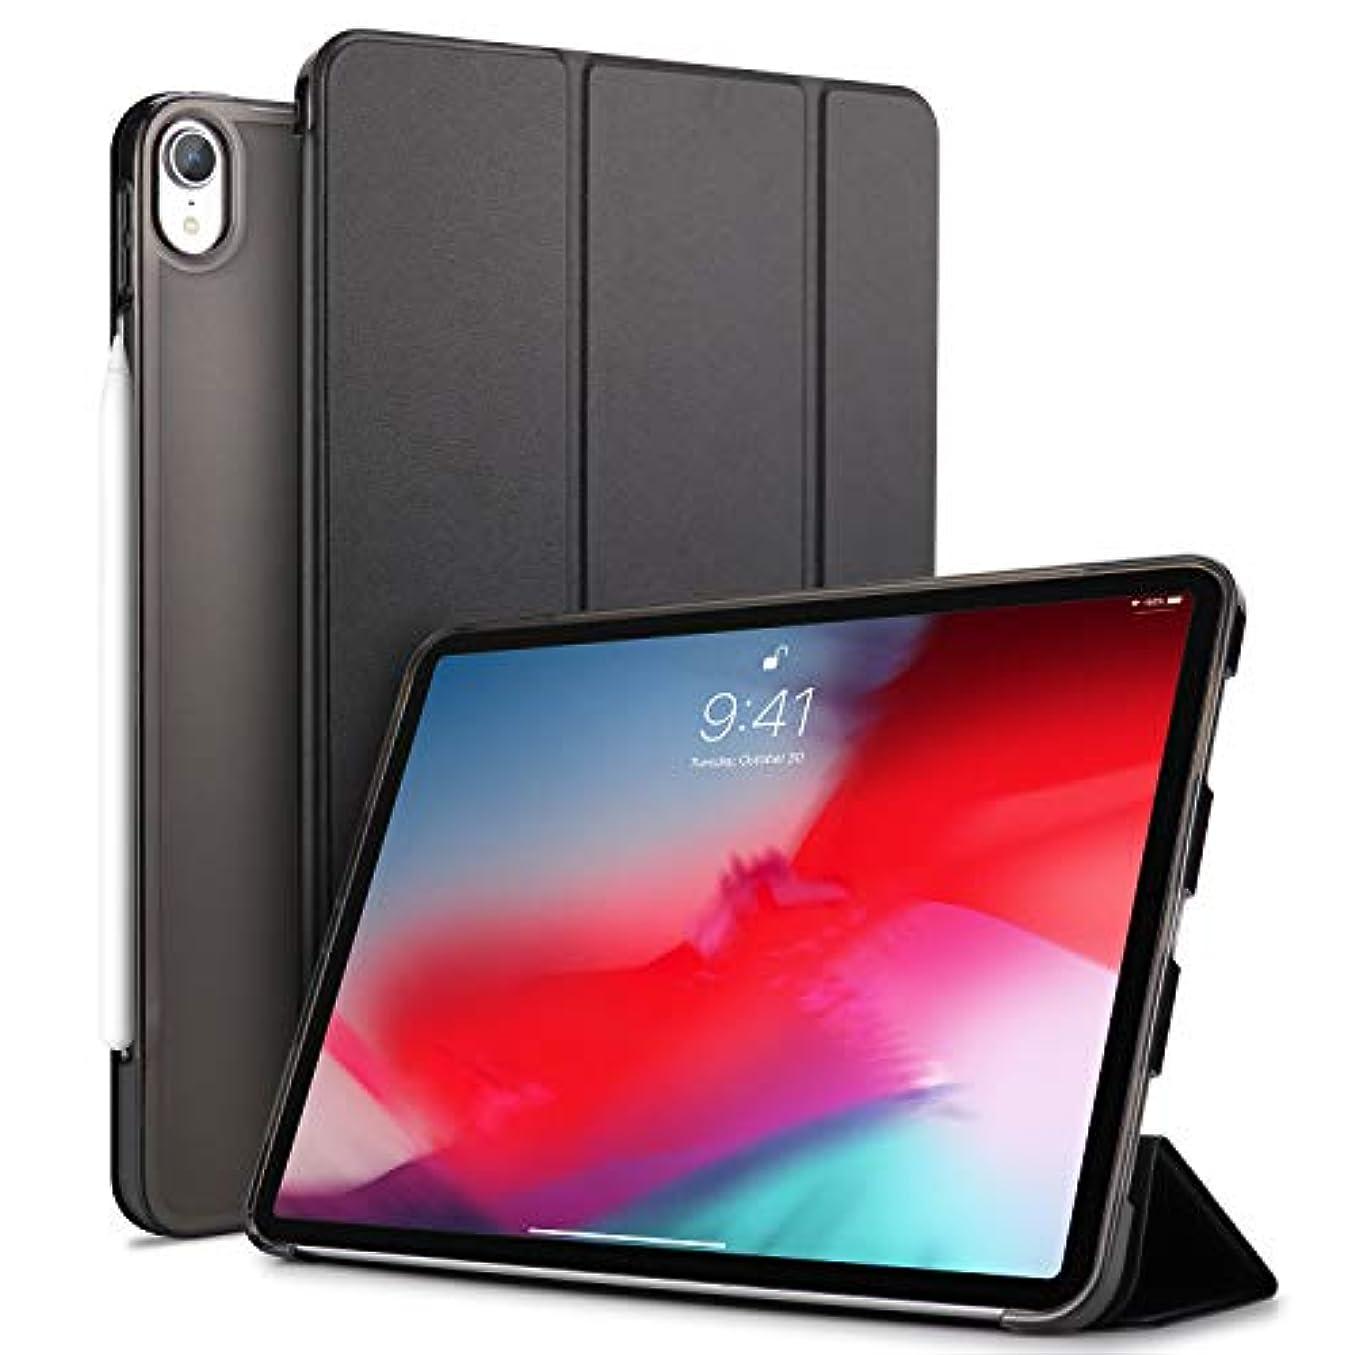 遺棄されたプレビスサイトカリキュラムTENDLIN iPad Pro 11 ケース (2018モデル) Apple Pencilペアリングとワイヤレス充電対応 オートスリープ機能付 軽量 衝撃吸収 傷つけ防止 三つ折りスタンド レザースマート薄型カバー iPad Pro 11インチ 対応 (ブラック)